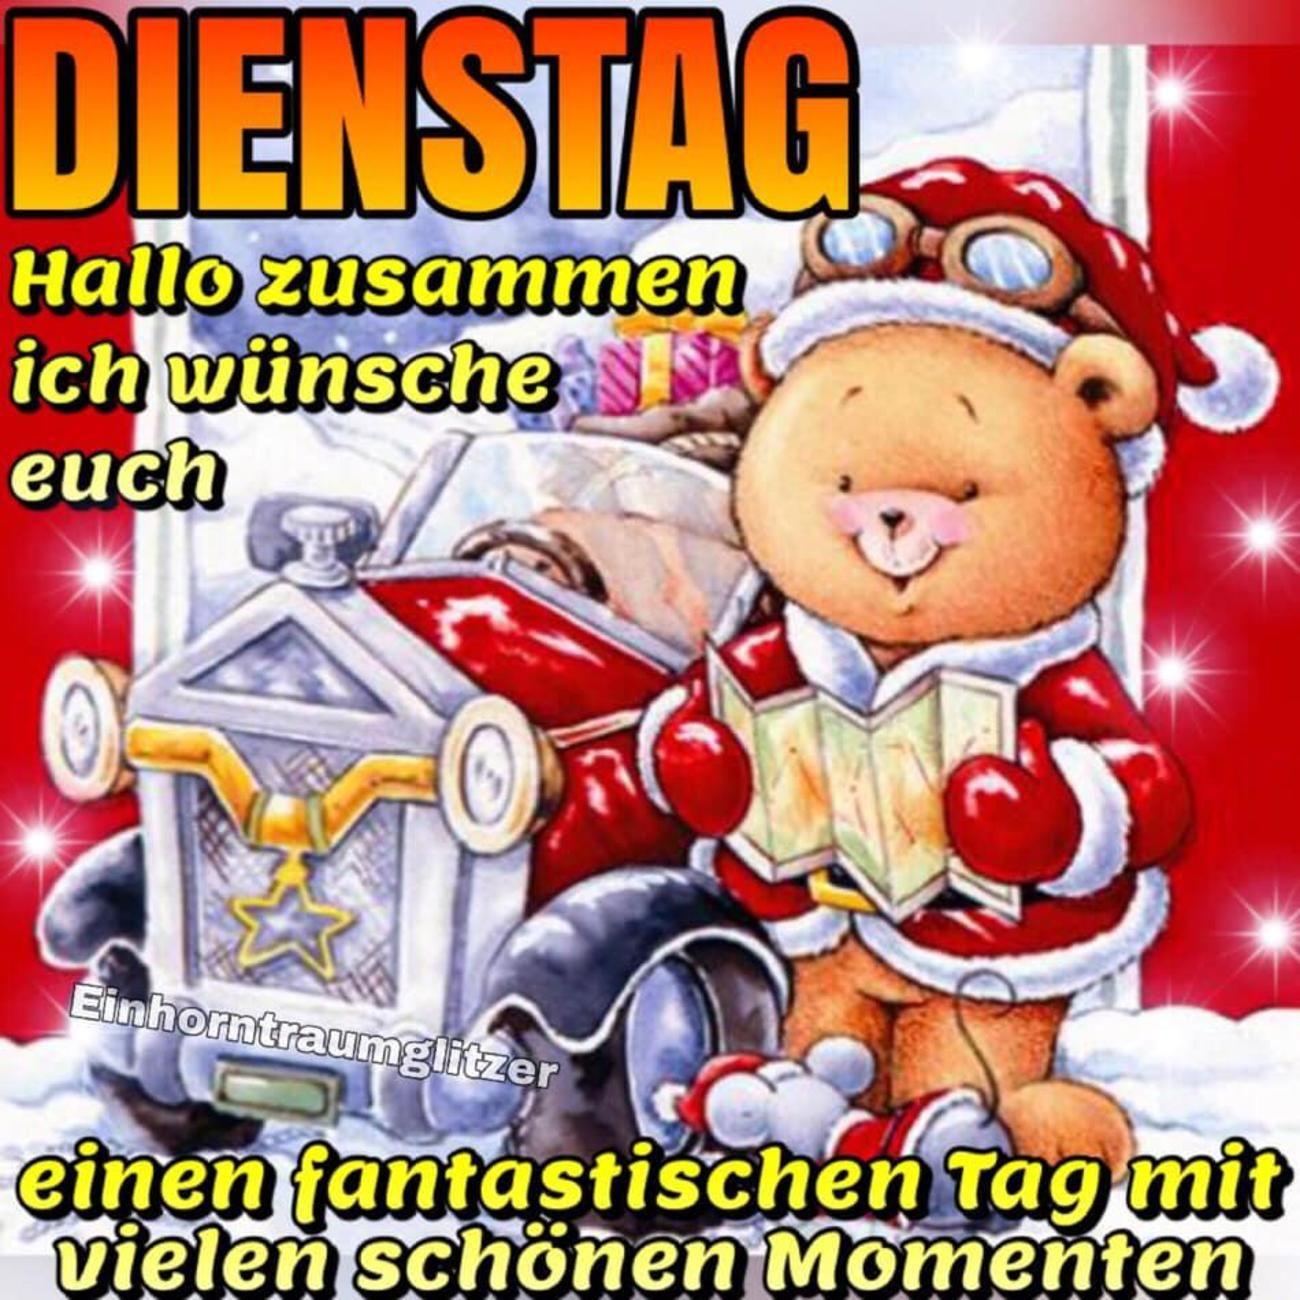 Guten Morgen Schönen Dienstag Weihnachten 71 Gbpicsbilder